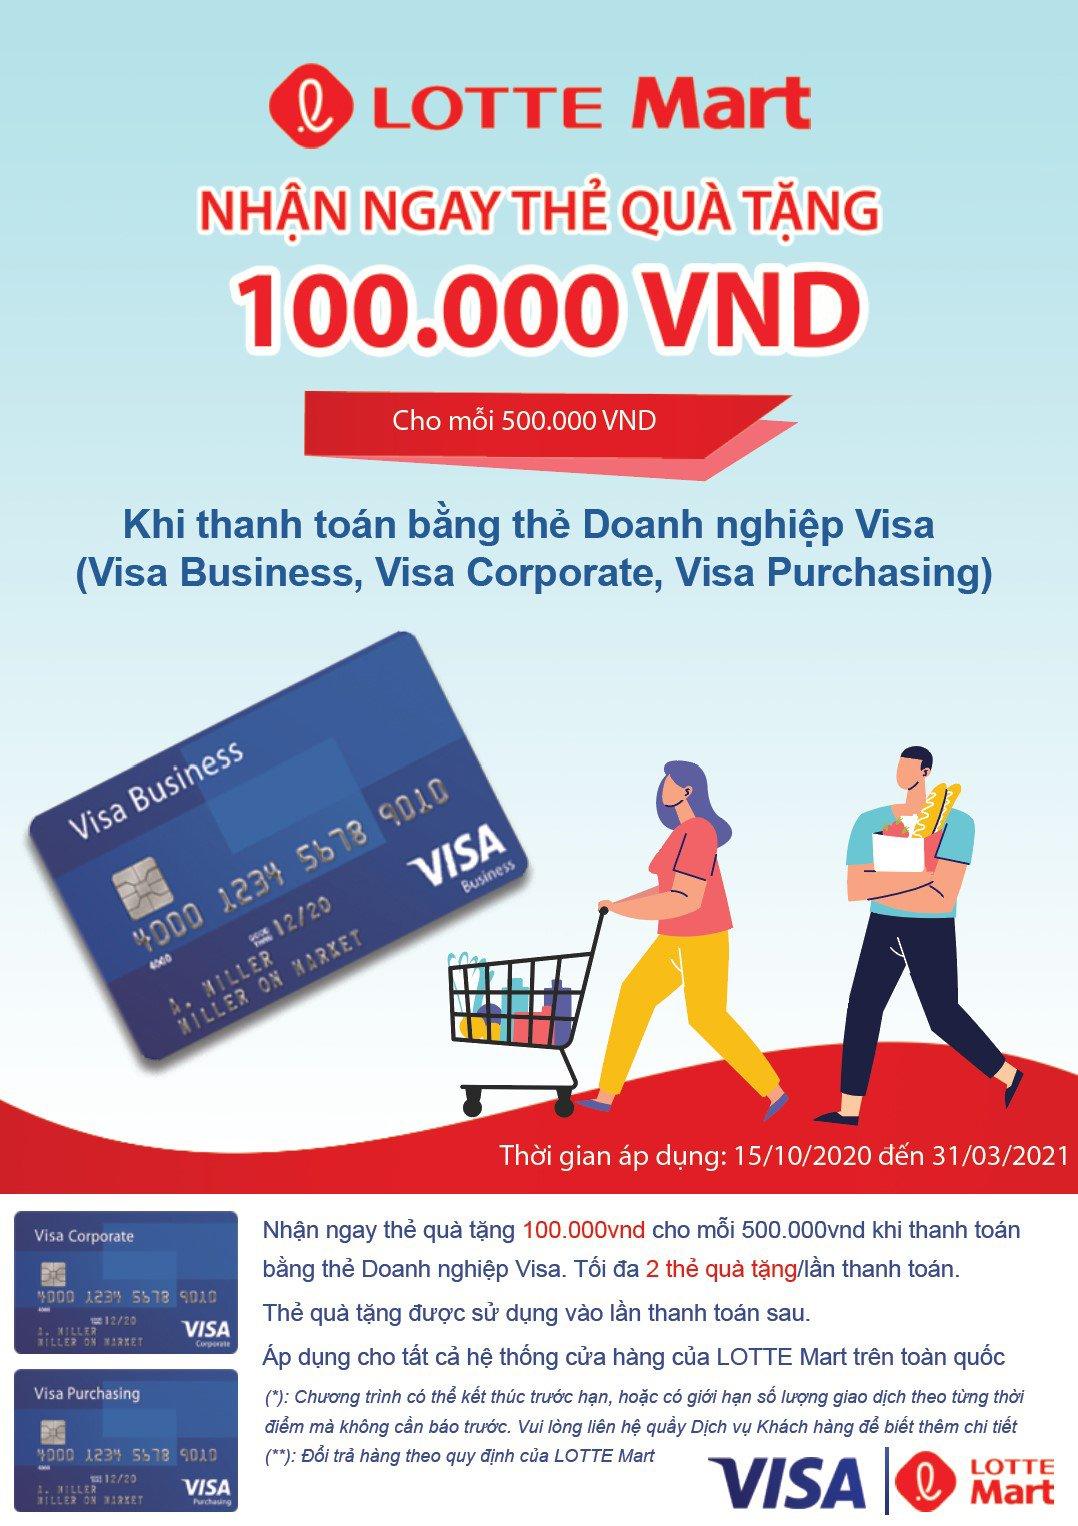 Chương trình ưu đãi cho chủ thẻ Visa tín dụng doanh nghiệp, Visa ghi nợ doanh nghiệp, Visa Business Credit, Visa Business Debit cards